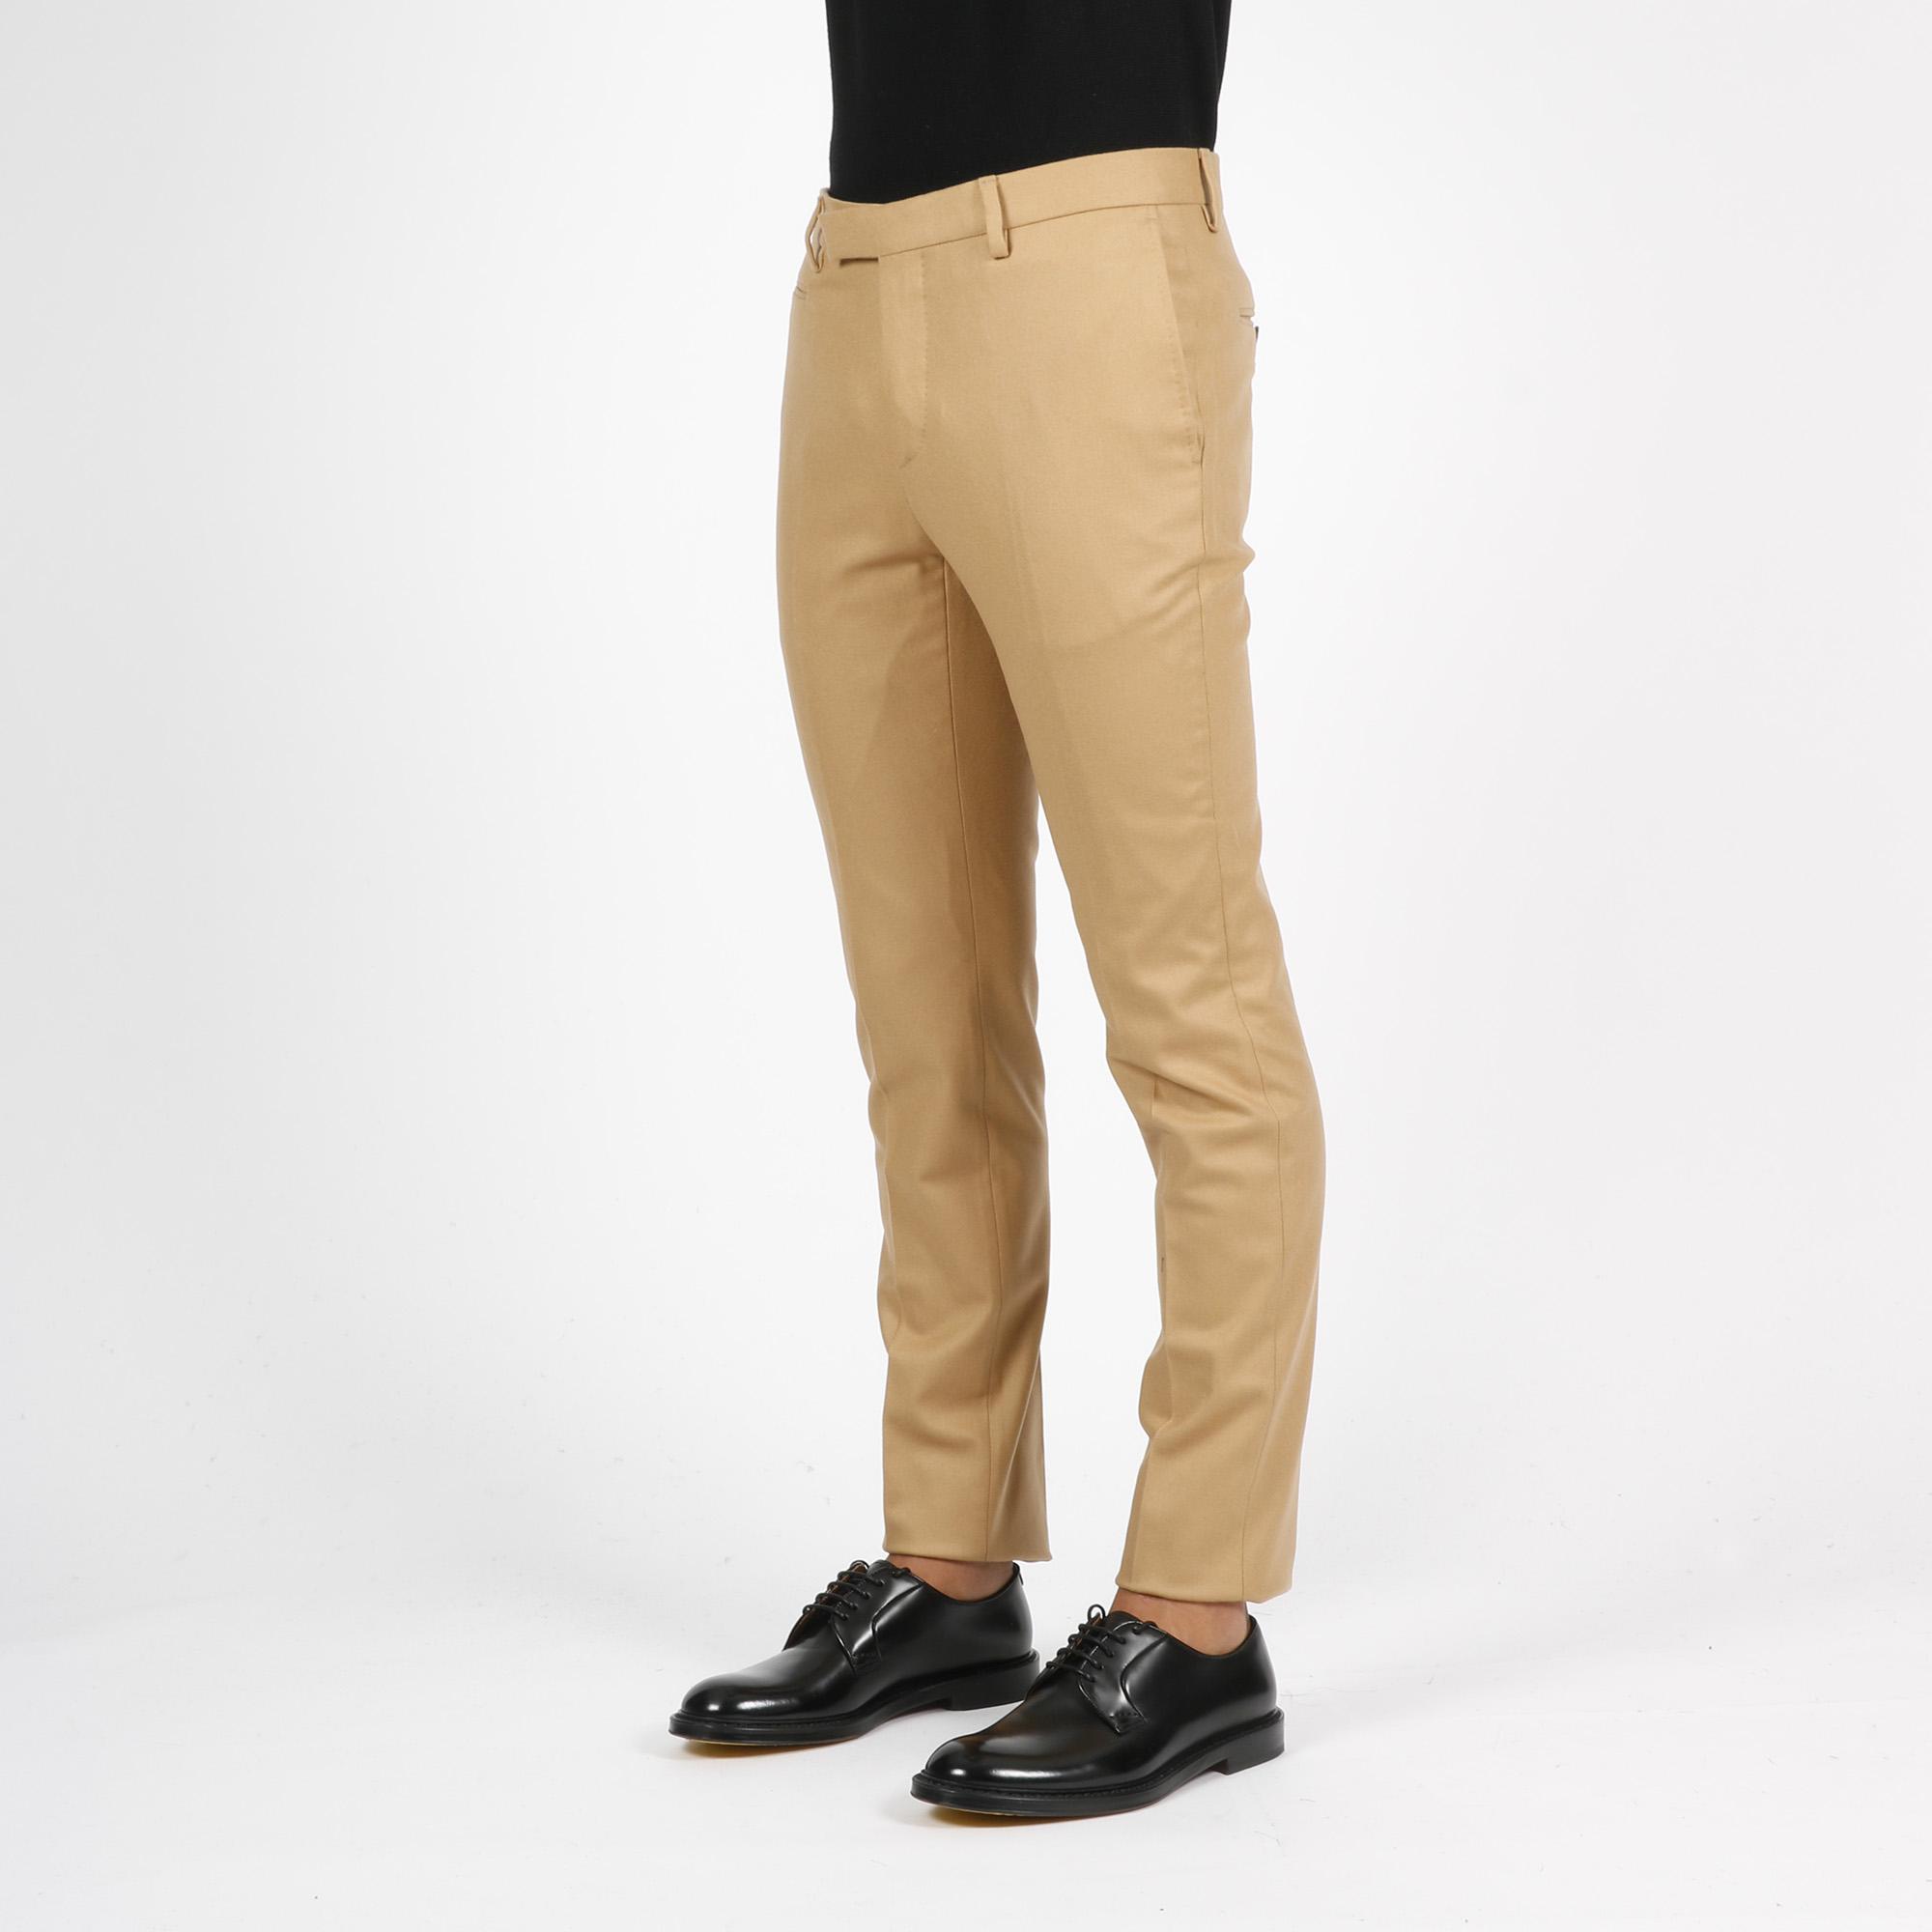 Pantalone taschino - Beige